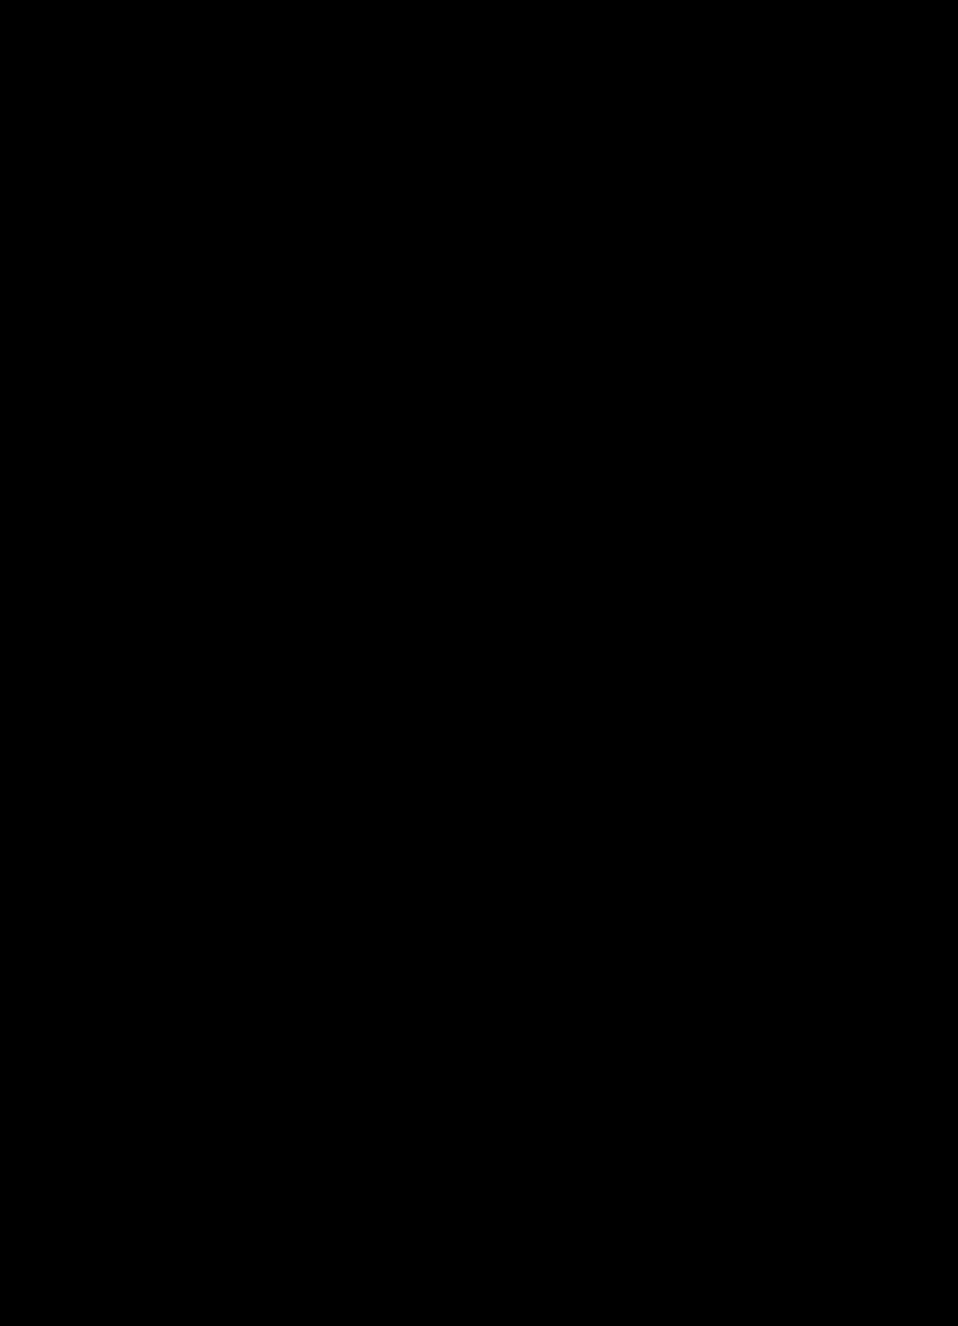 Fancy black border png. Gladsearucnee clip art illustration